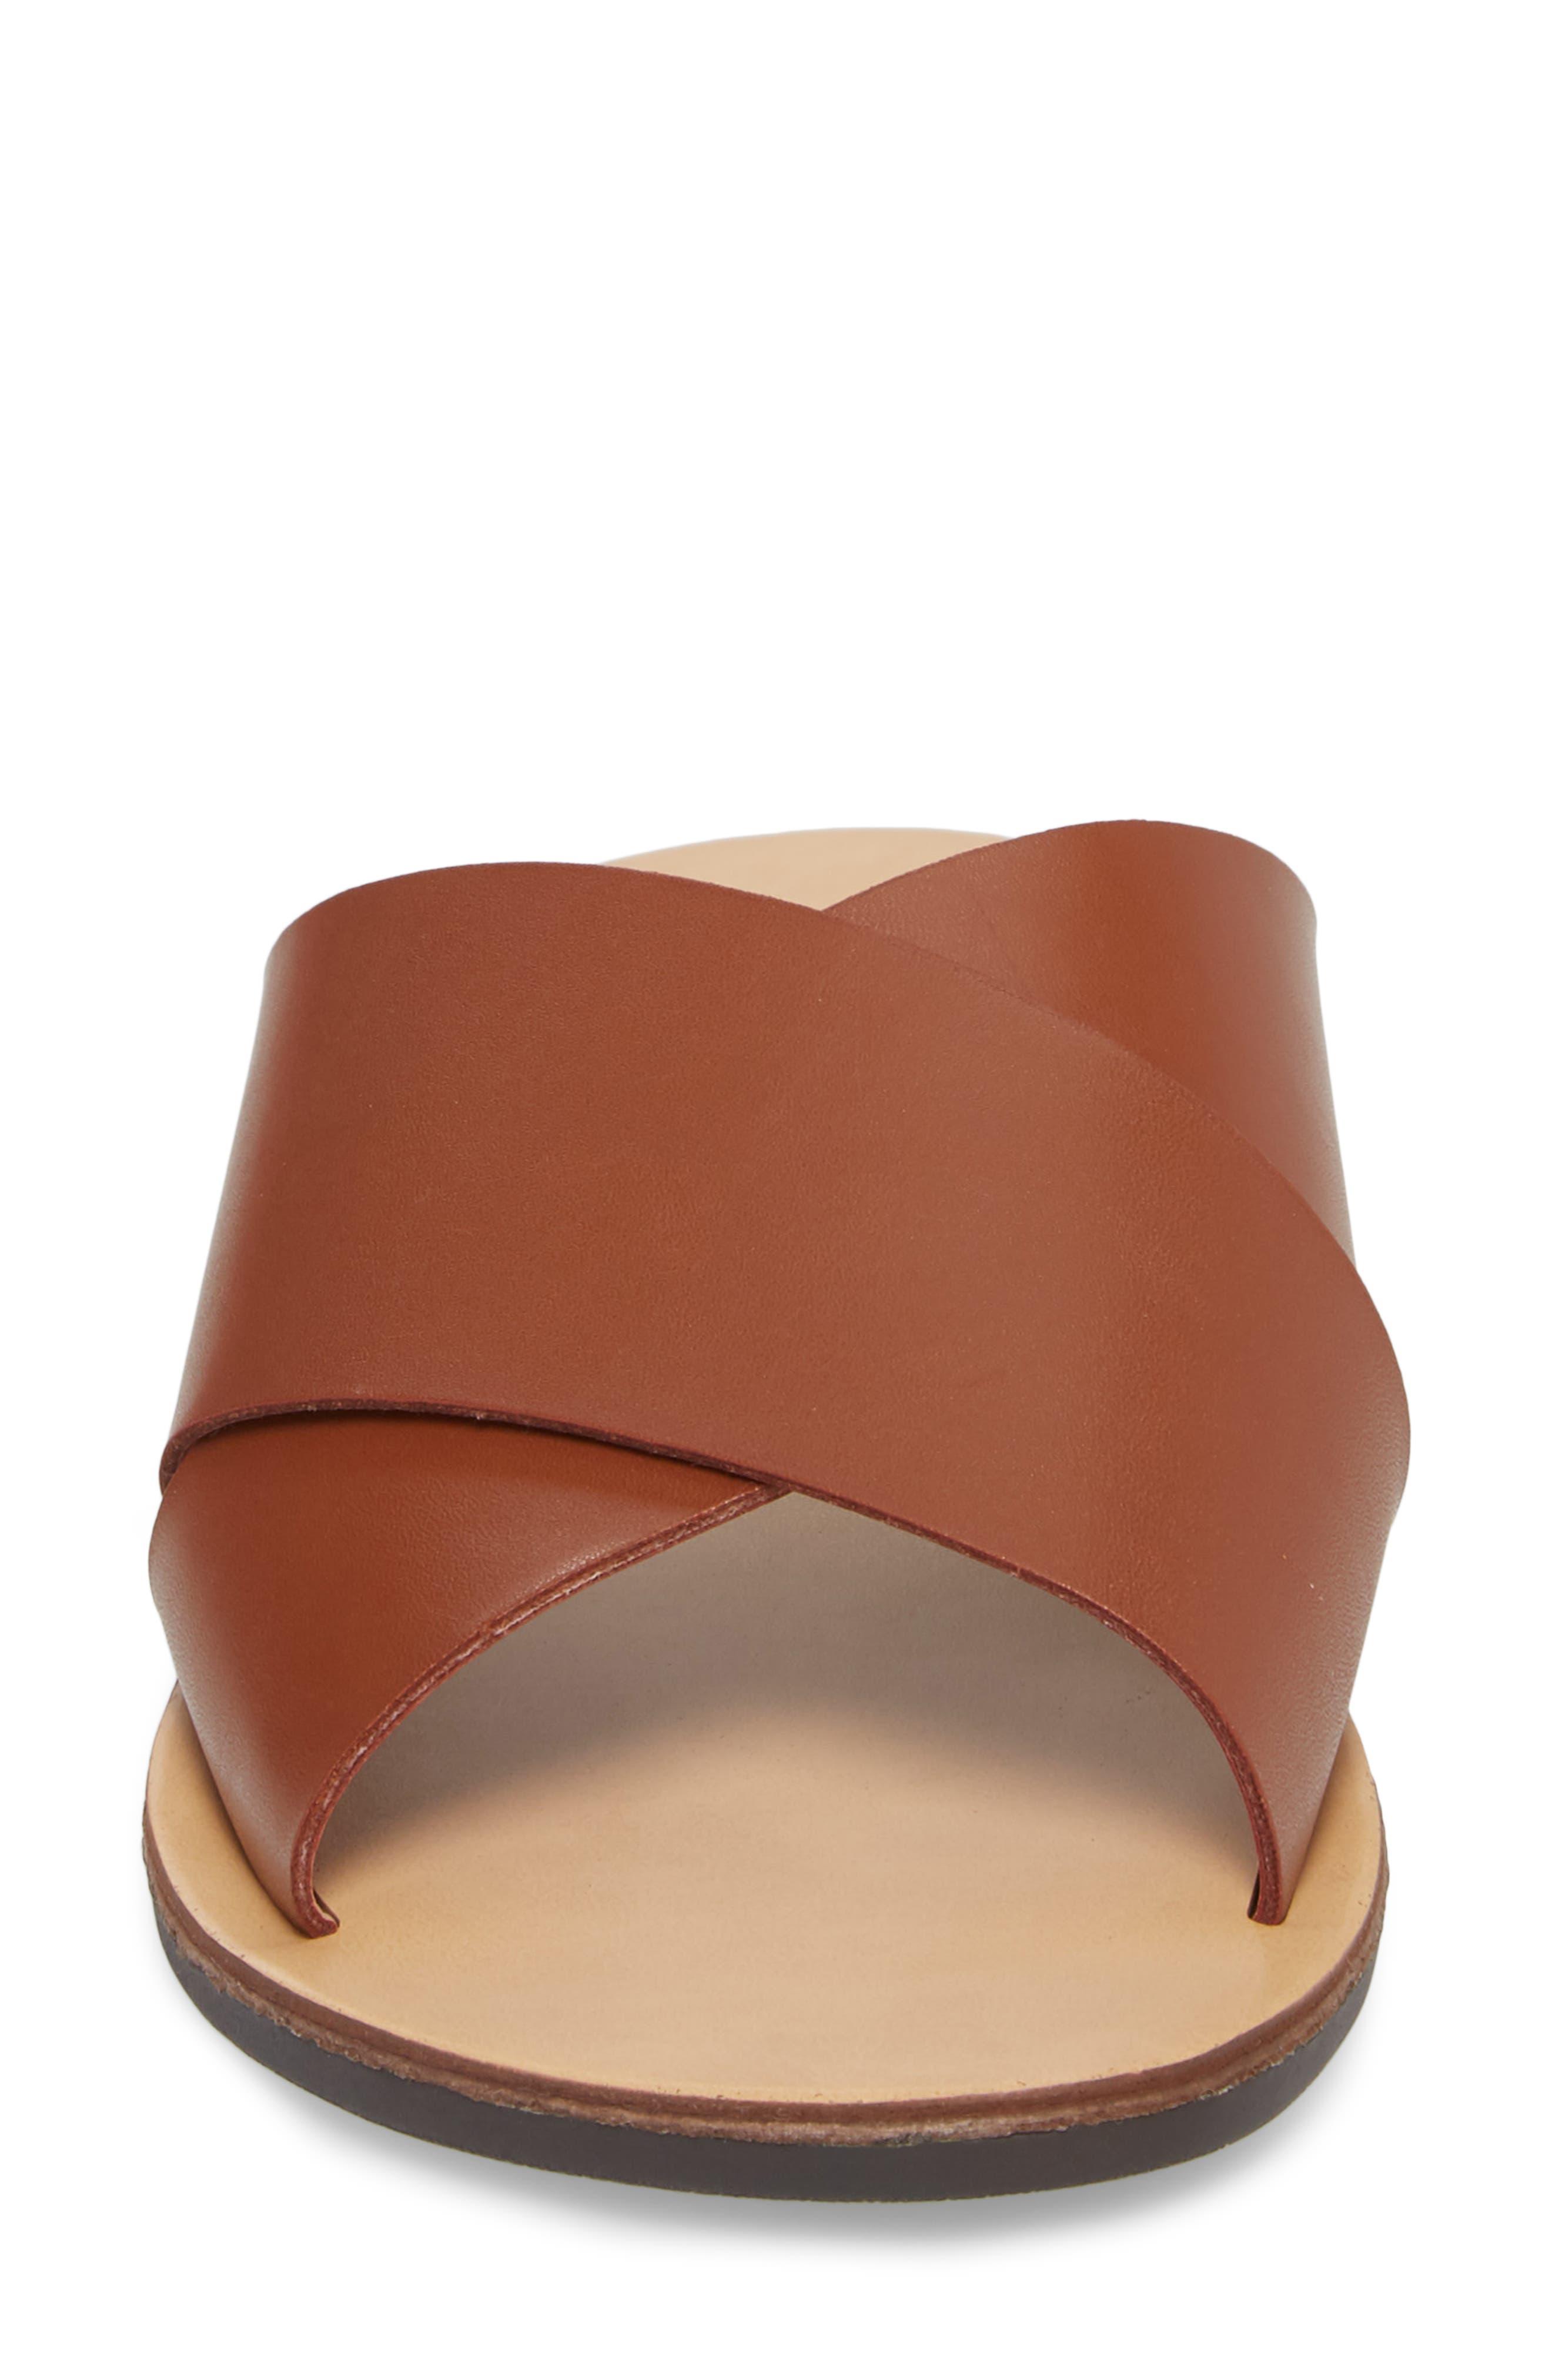 Twist Cross Strap Sandal,                             Alternate thumbnail 4, color,                             Cognac Faux Leather